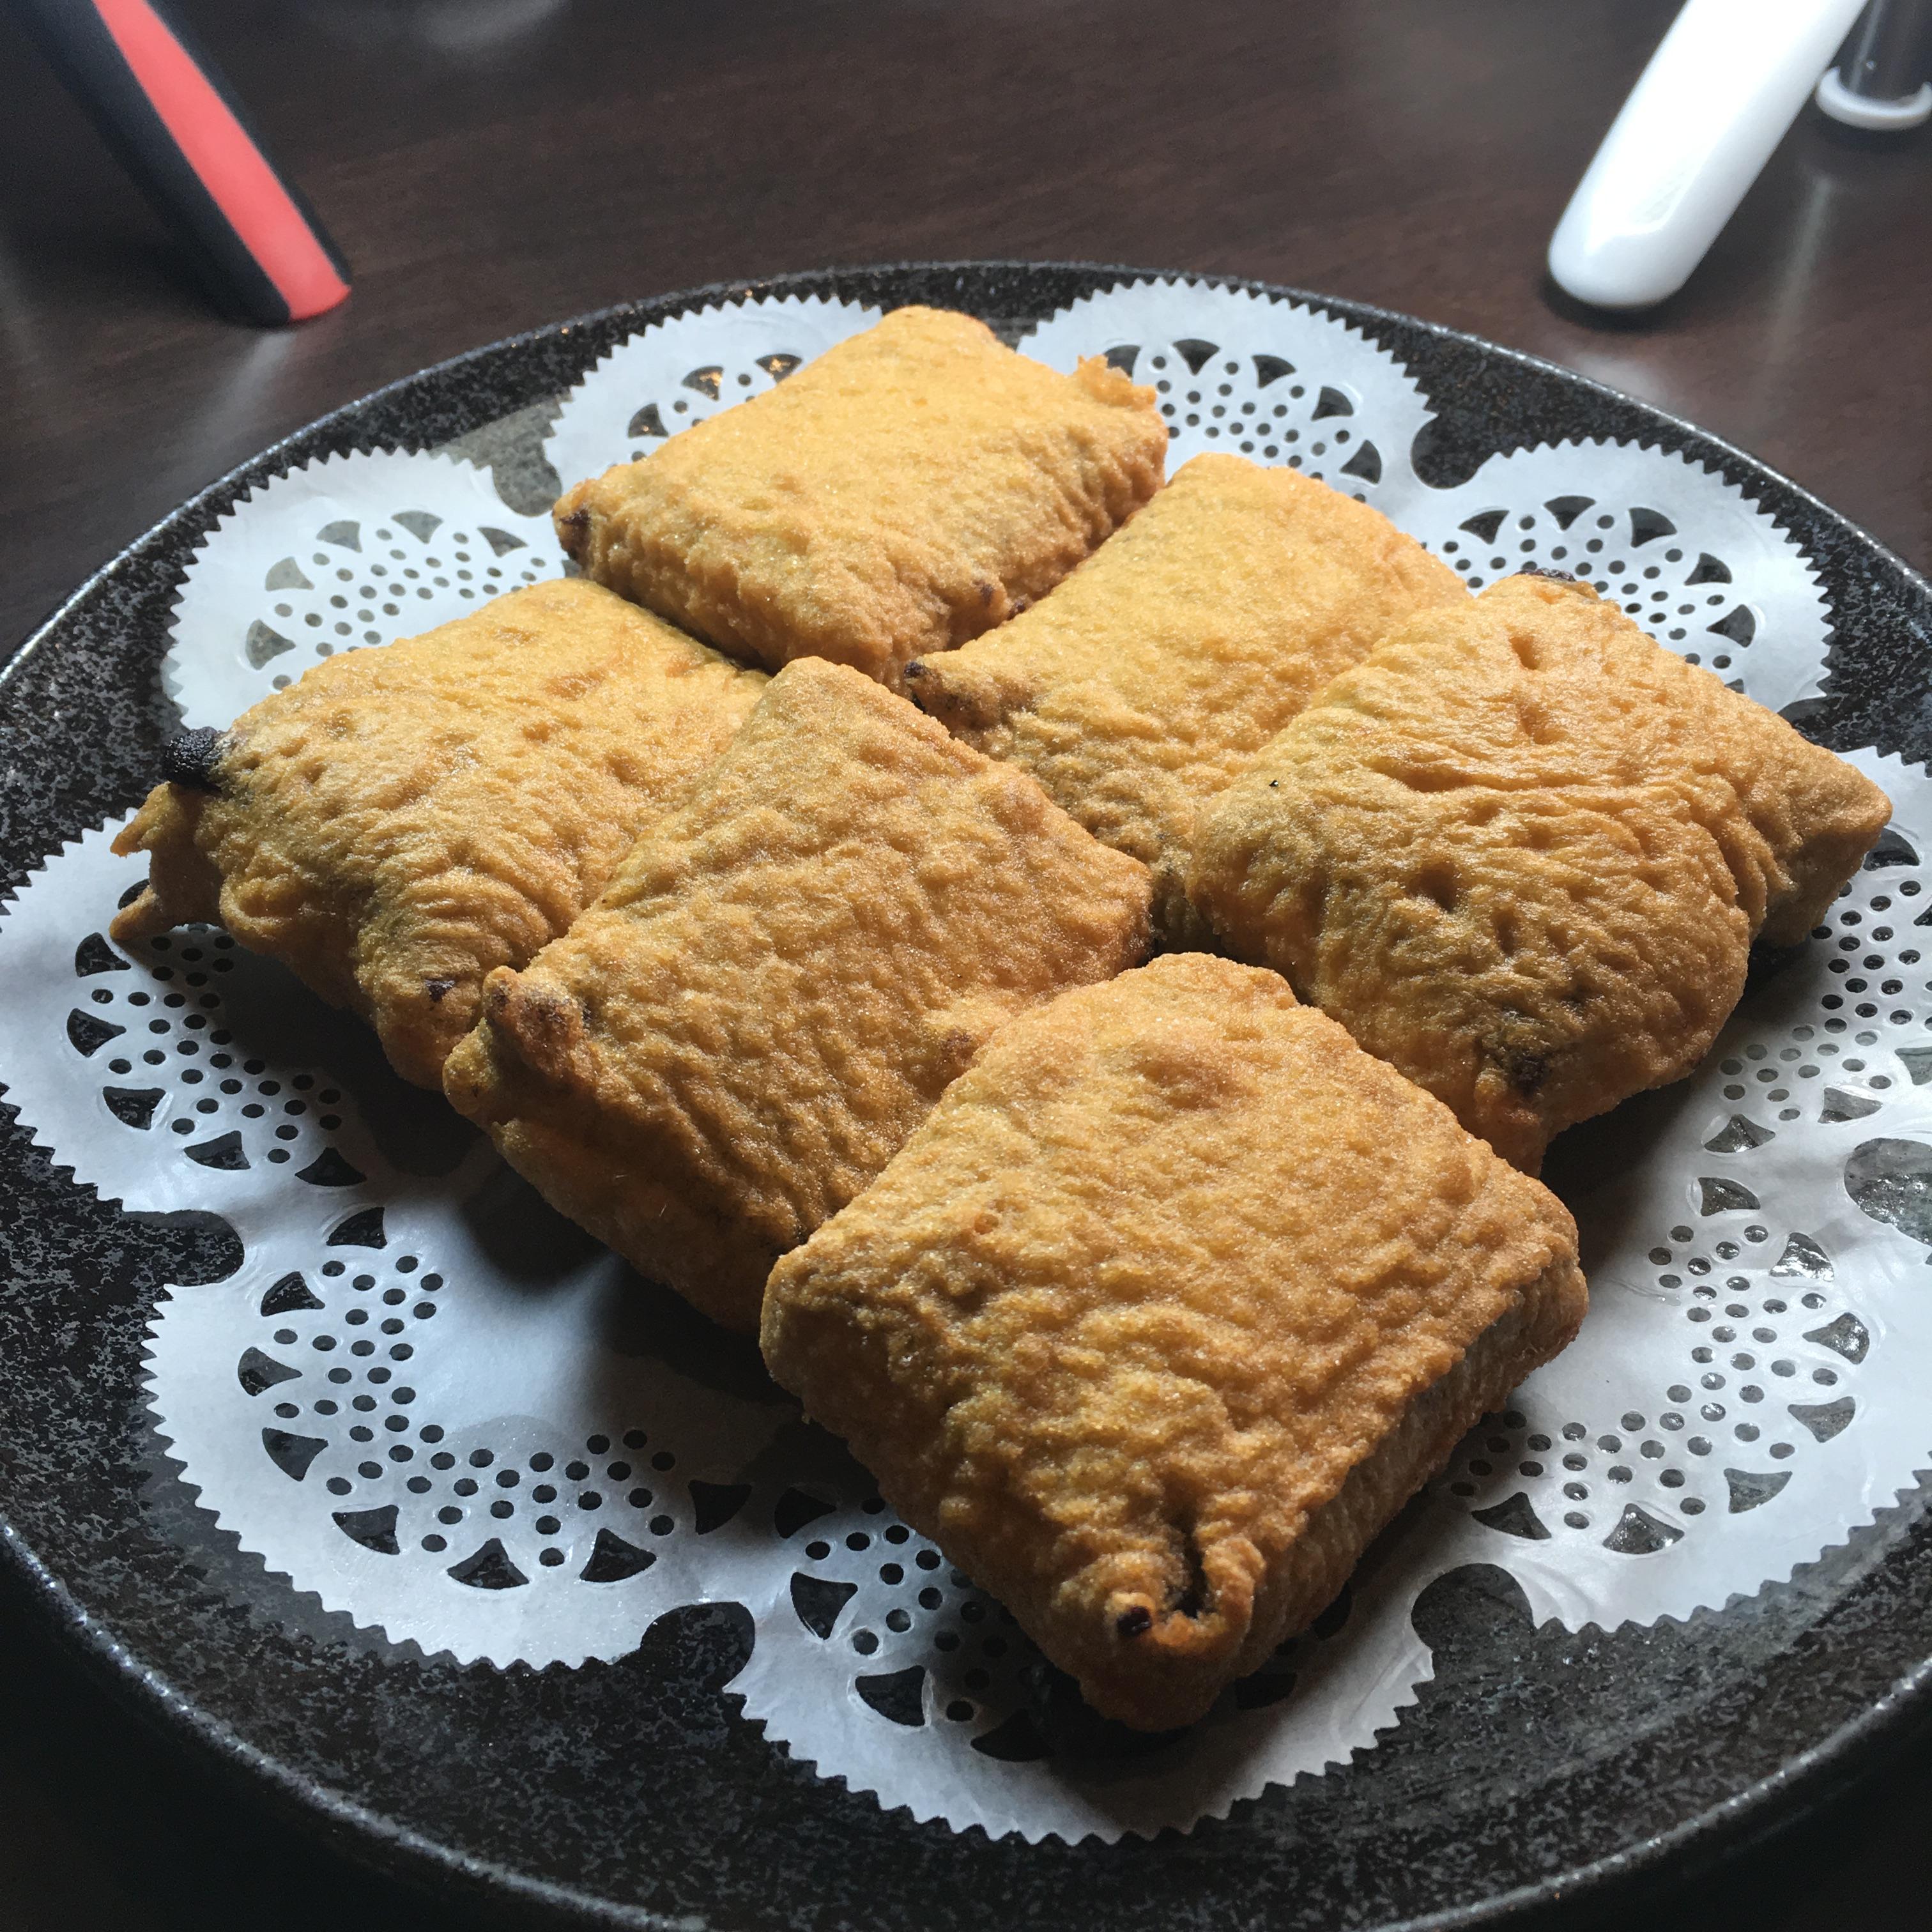 點水樓:酥炸花蓮壽豐鄉黑糯米年糕